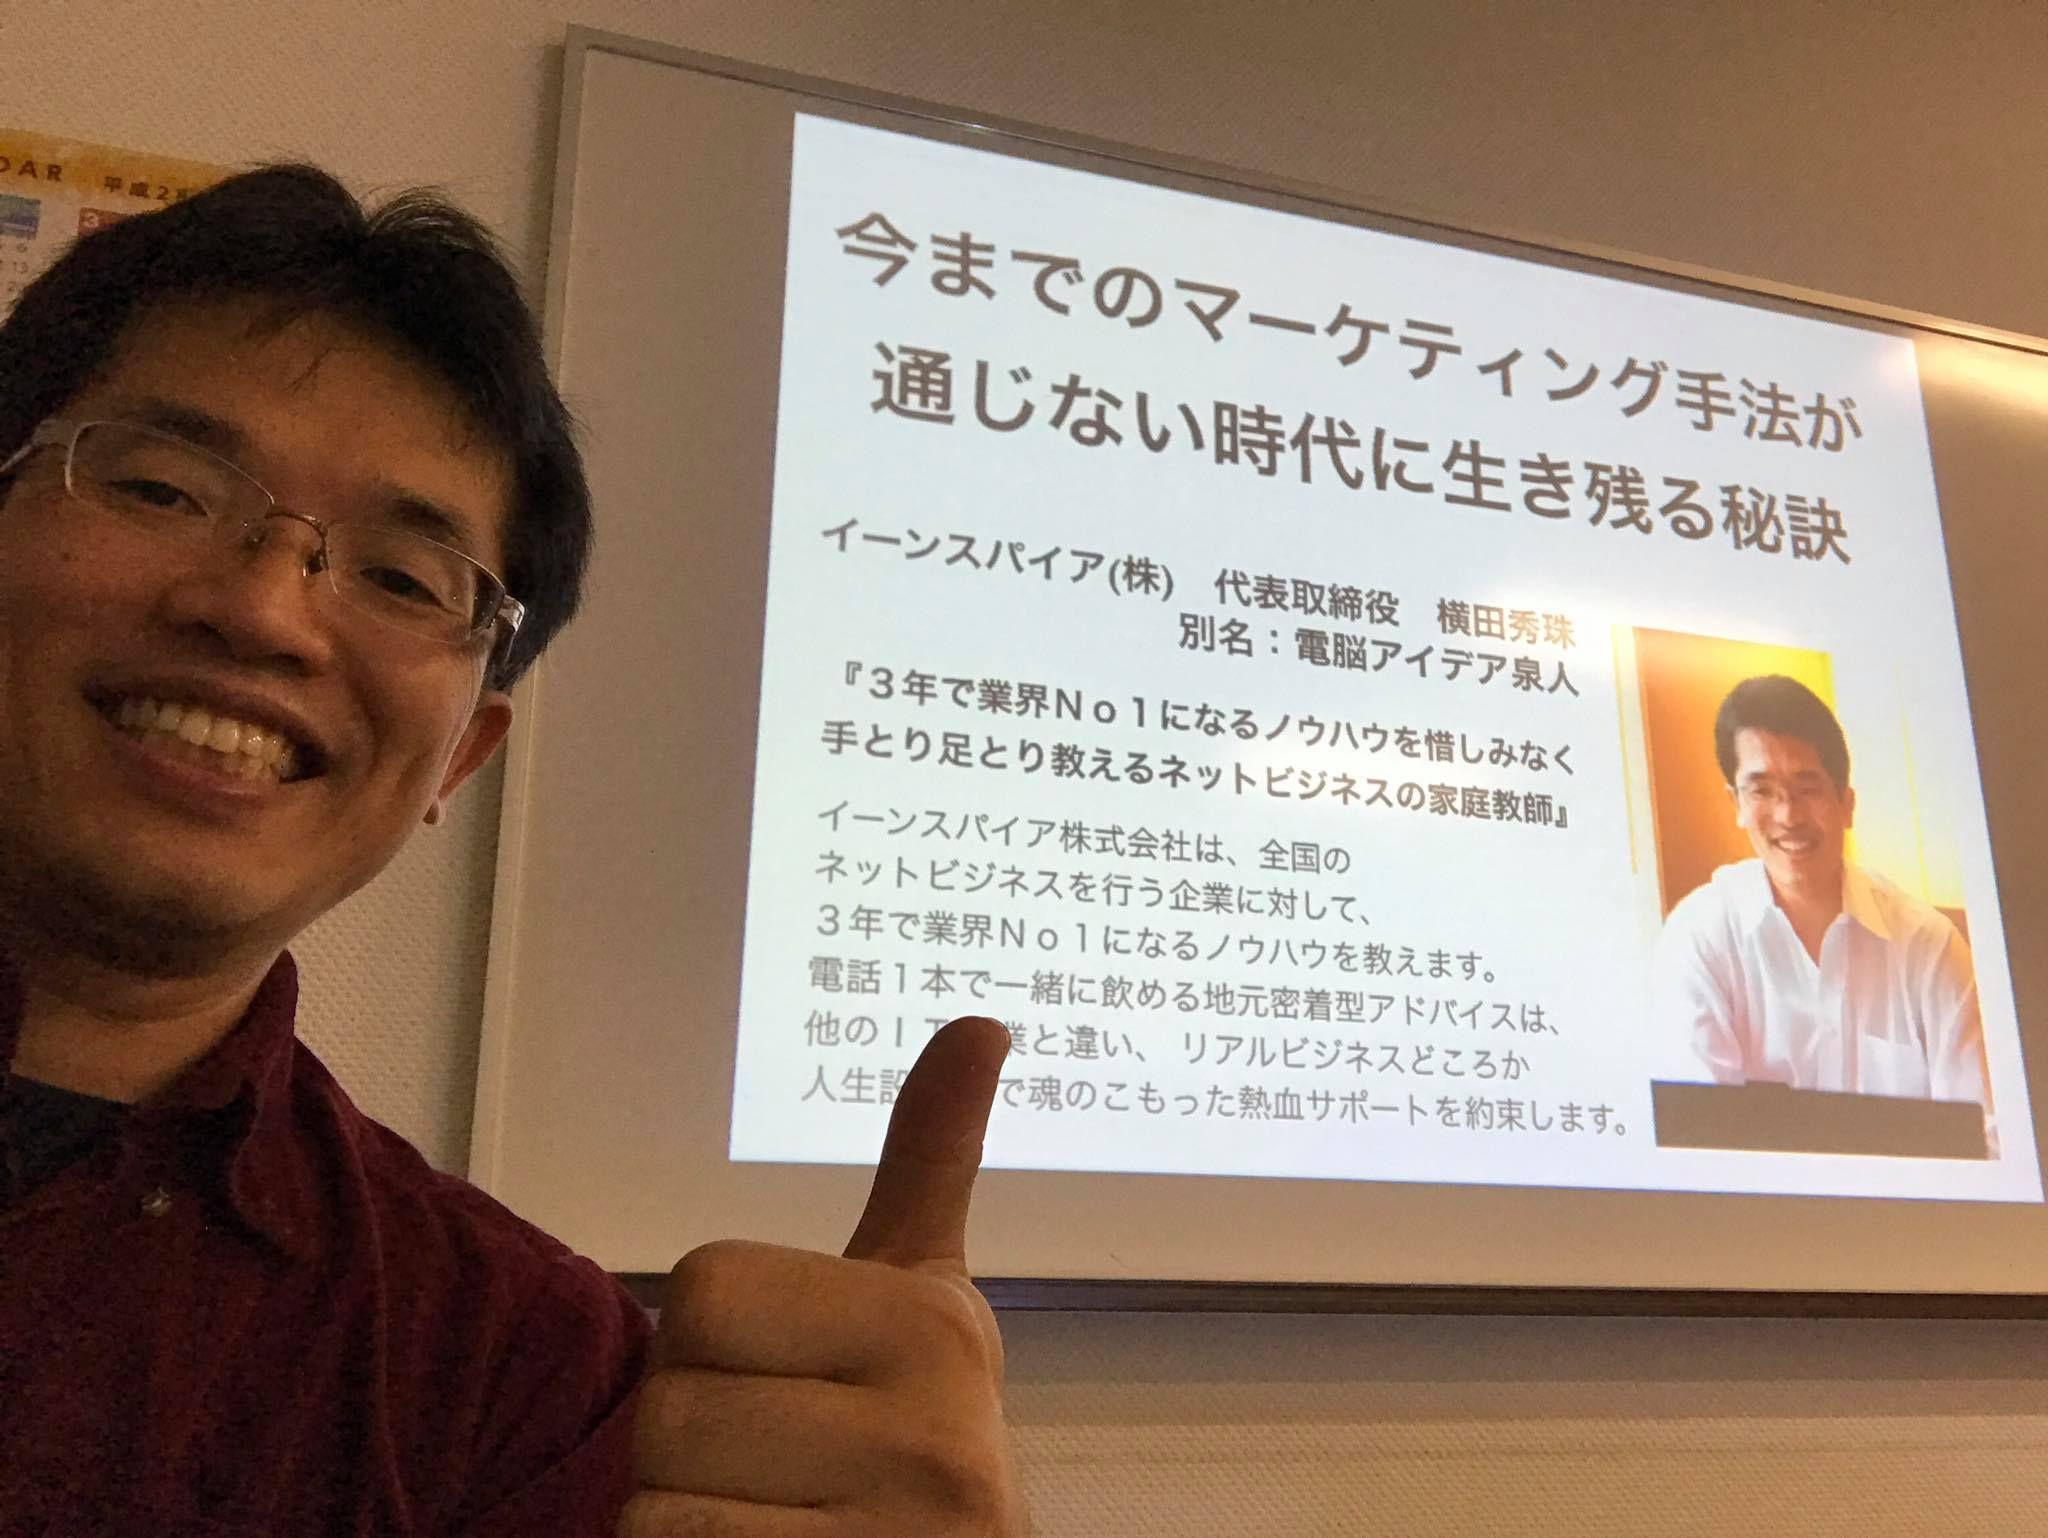 #マーケティング http://yokotashurin.com/etc/new-marketing.html